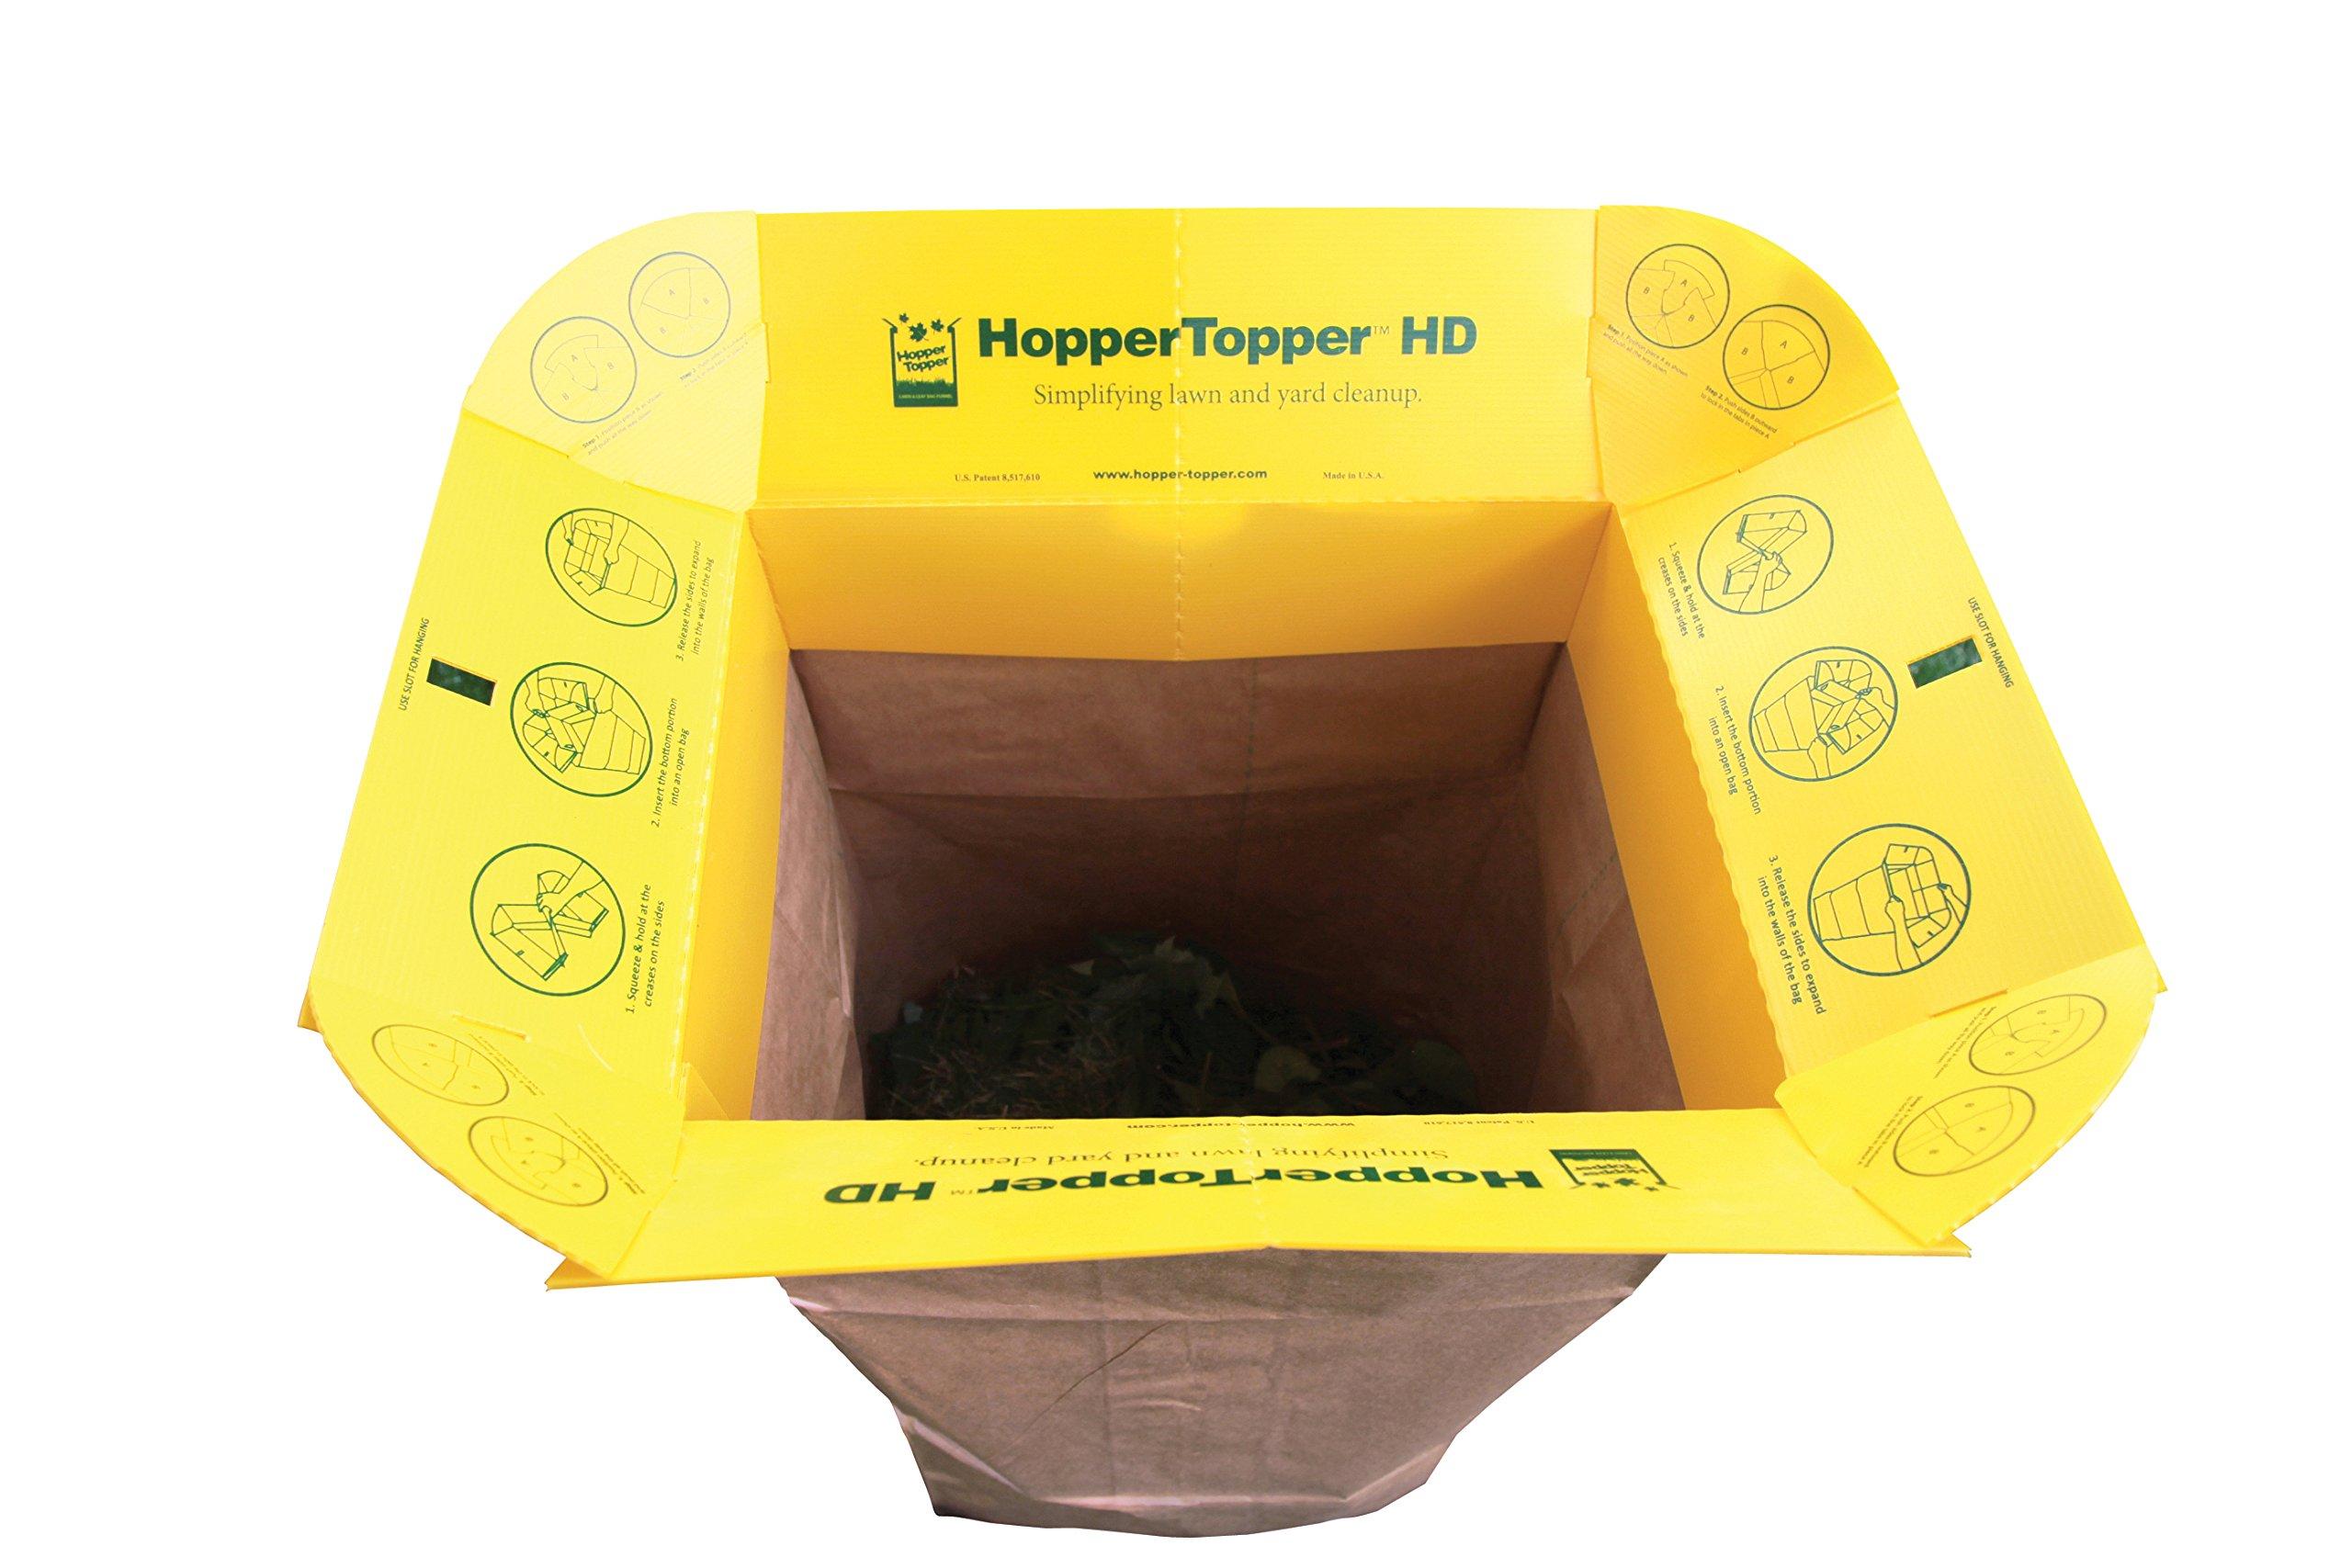 HopperTopper HD HTOPP001 Plastic Lawn and Leaf Bag Funnel by HopperTopper HD